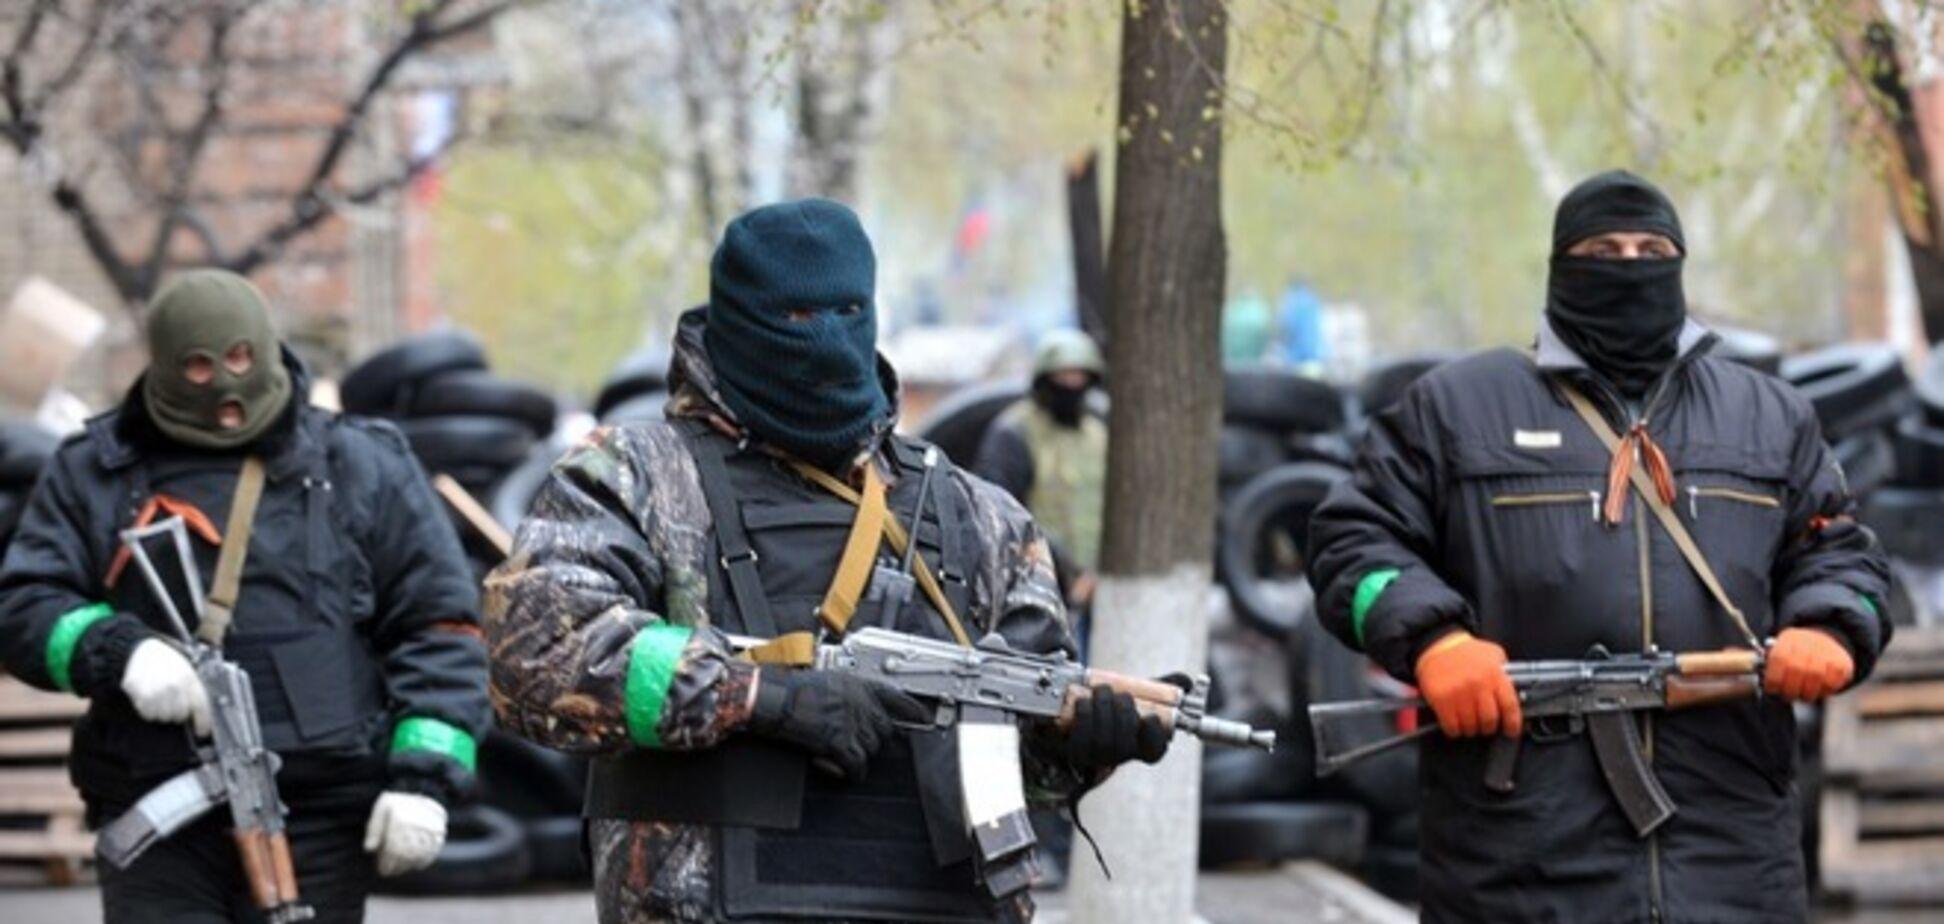 Террористы хотят спровоцировать жертвы среди мирного населения - Полторак